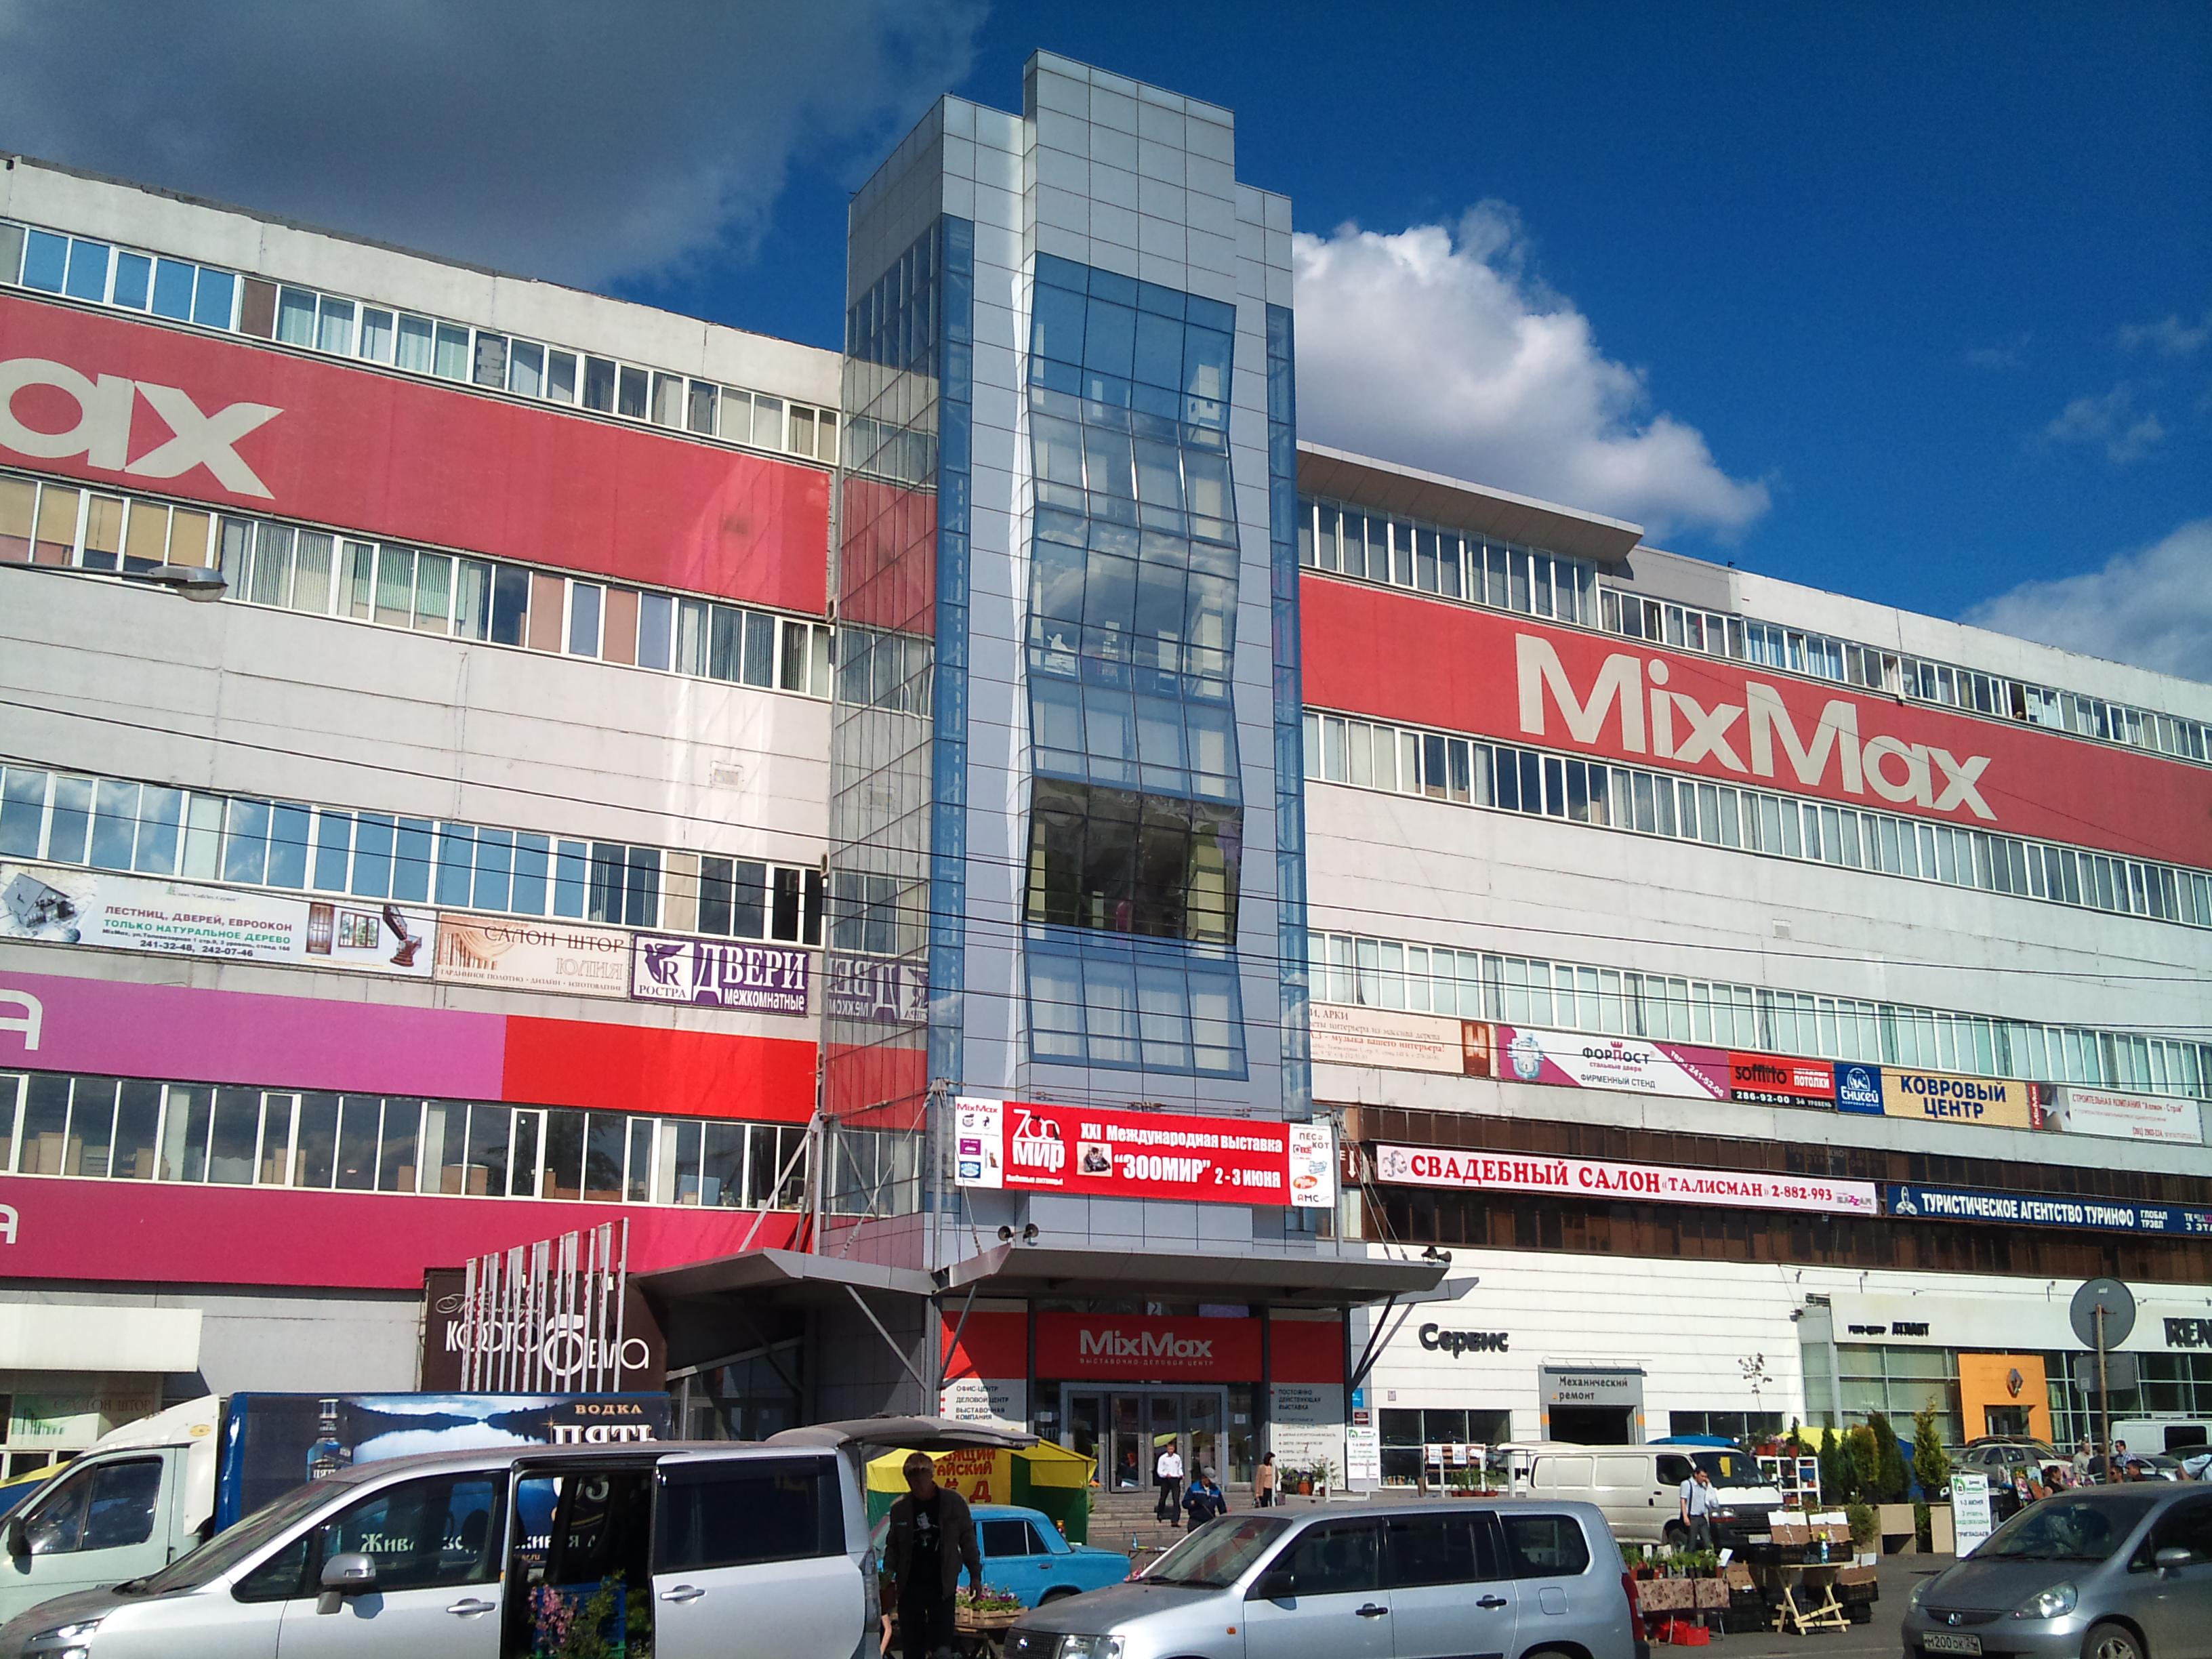 Красноярск торговый дом на ГДК здание бывшего телевизорного завода был цех микроэлектроники. 1.06.2012 года